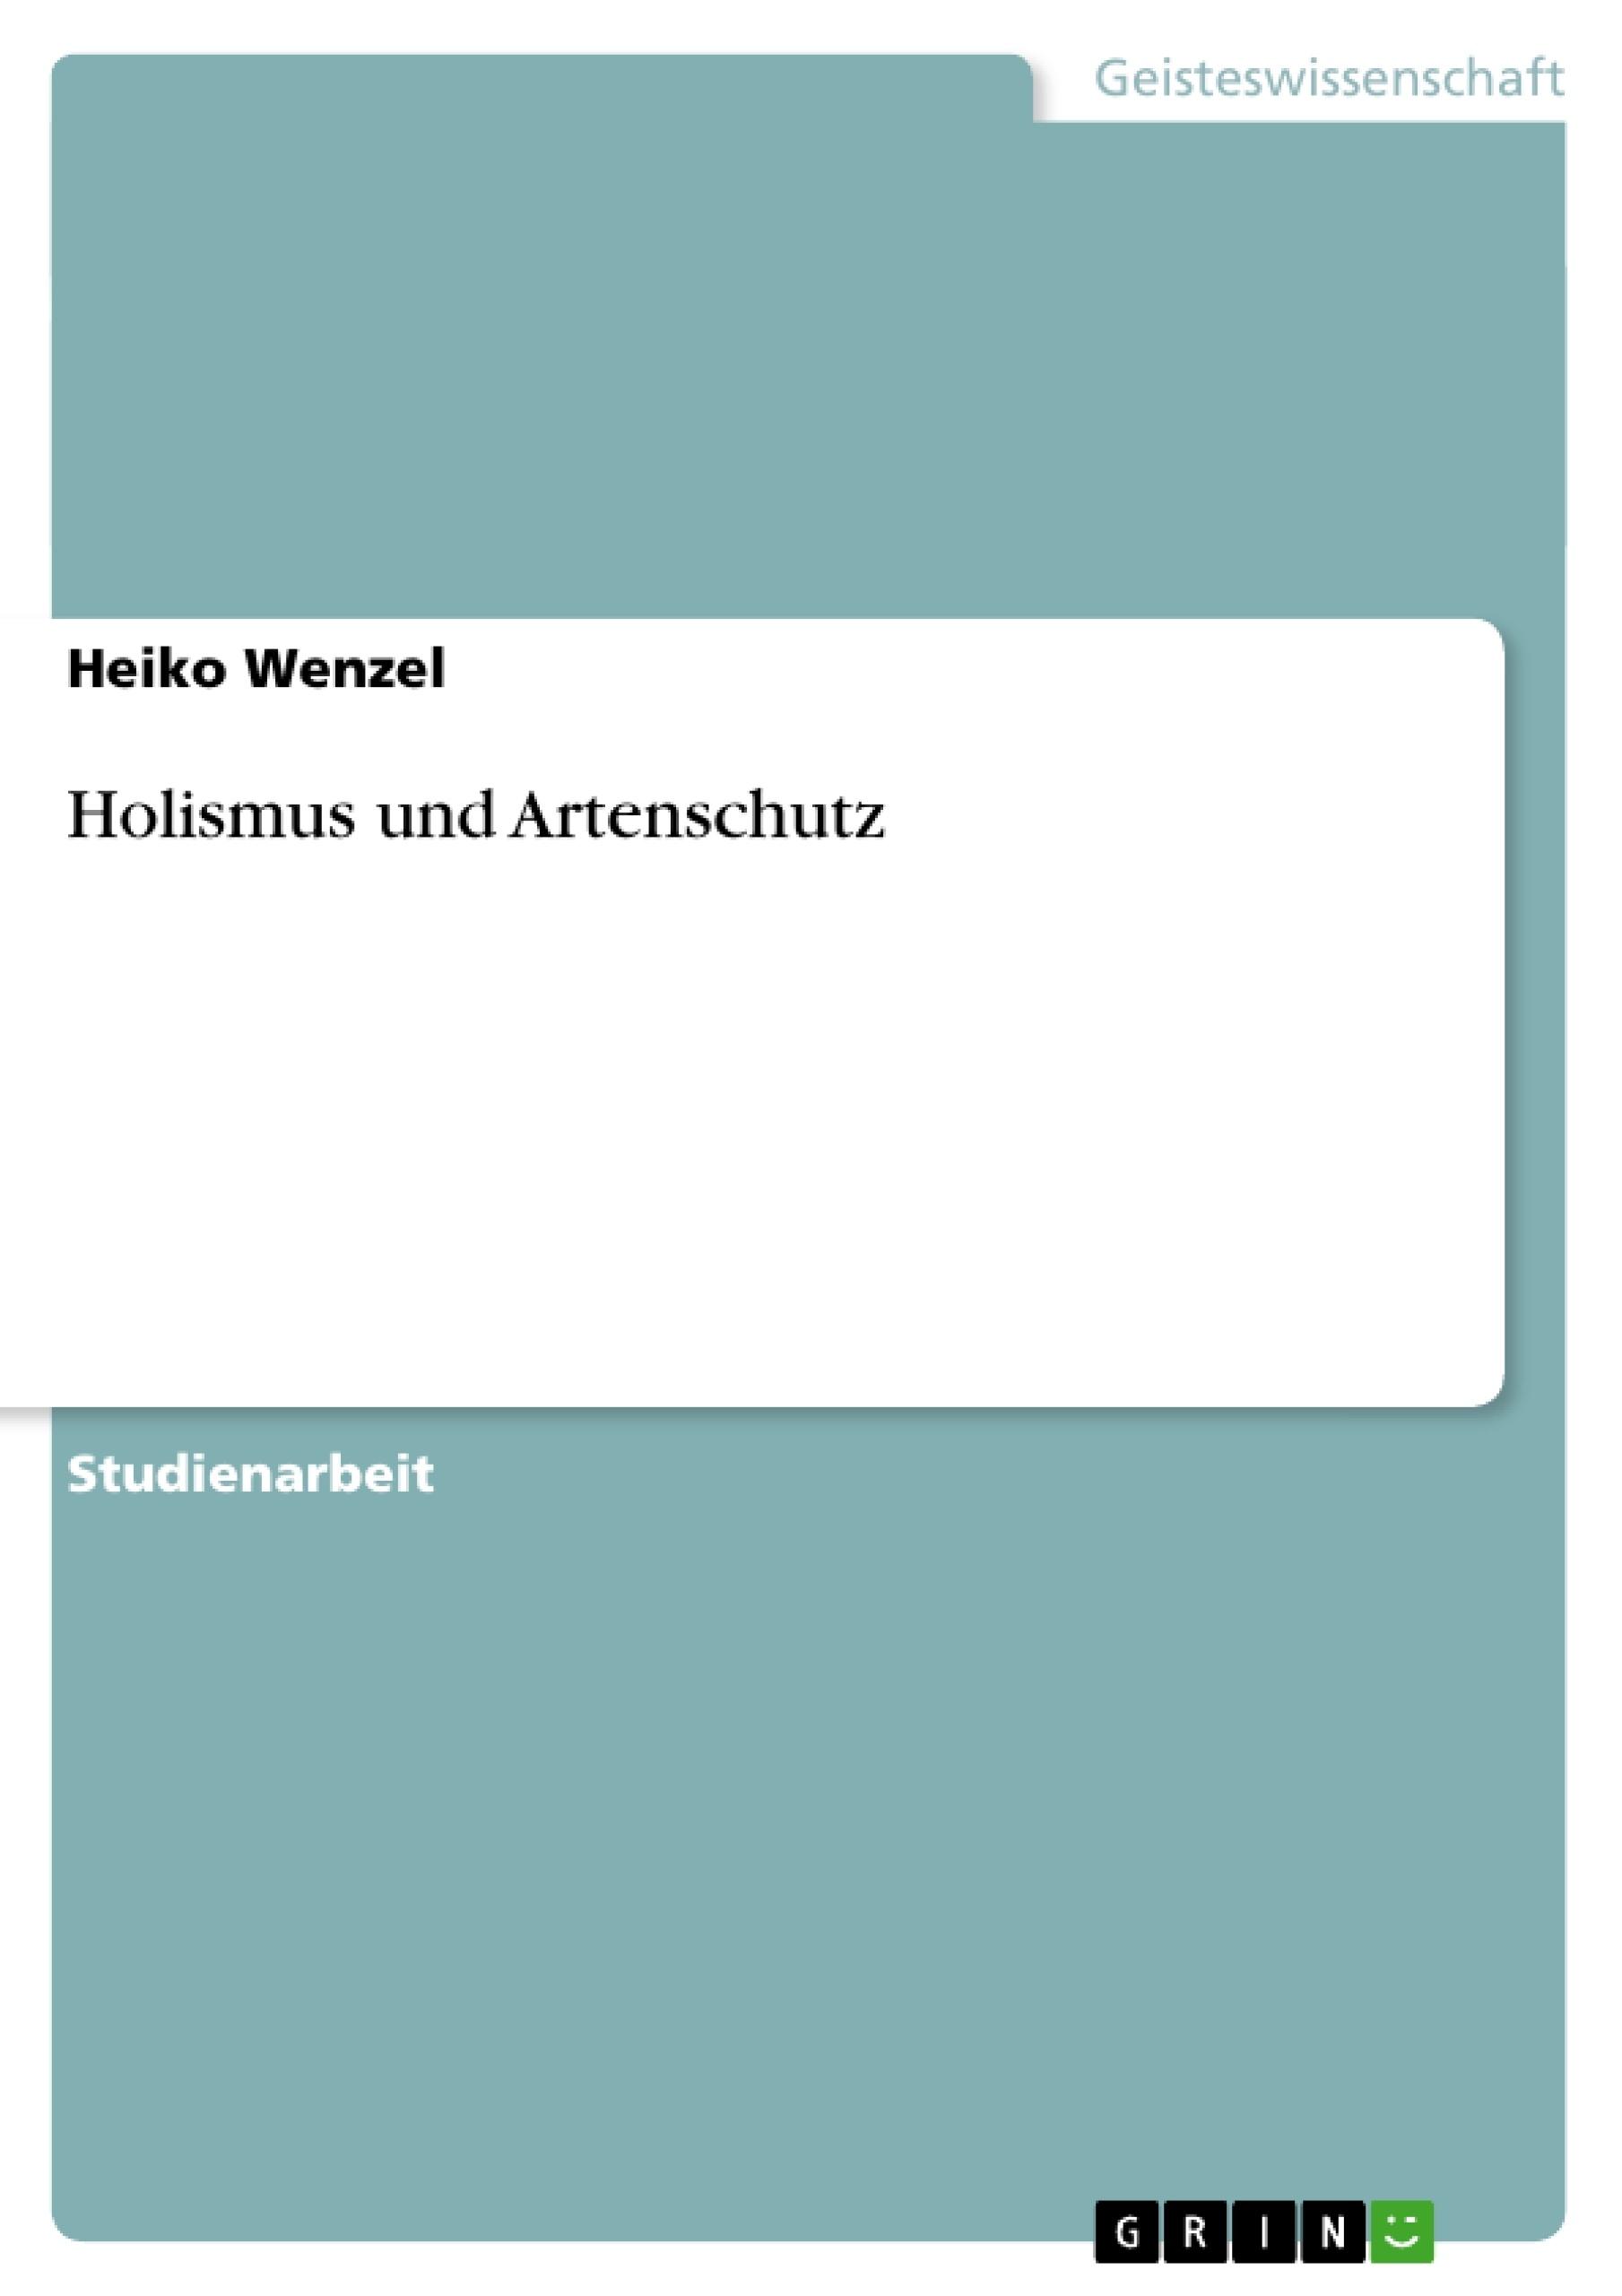 Titel: Holismus und Artenschutz